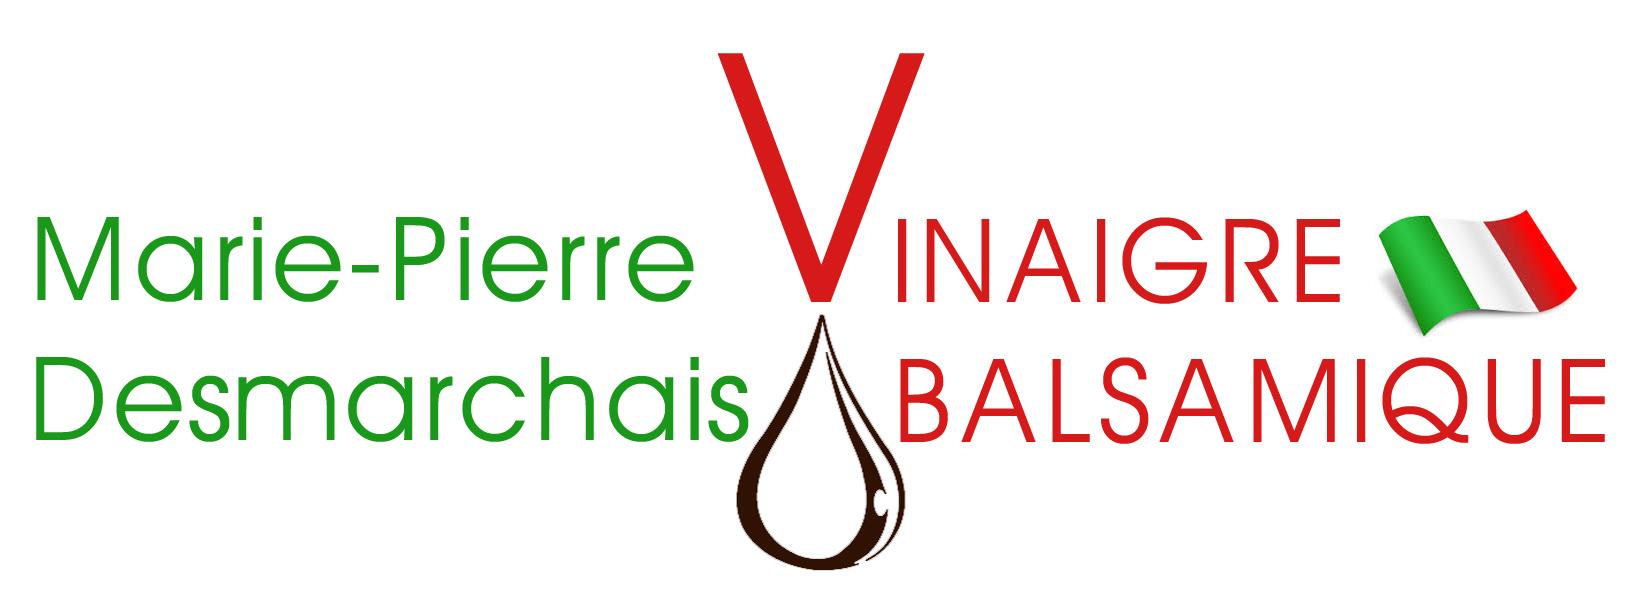 Marie-Pierre Desmarchais Vinaigre Balsamique